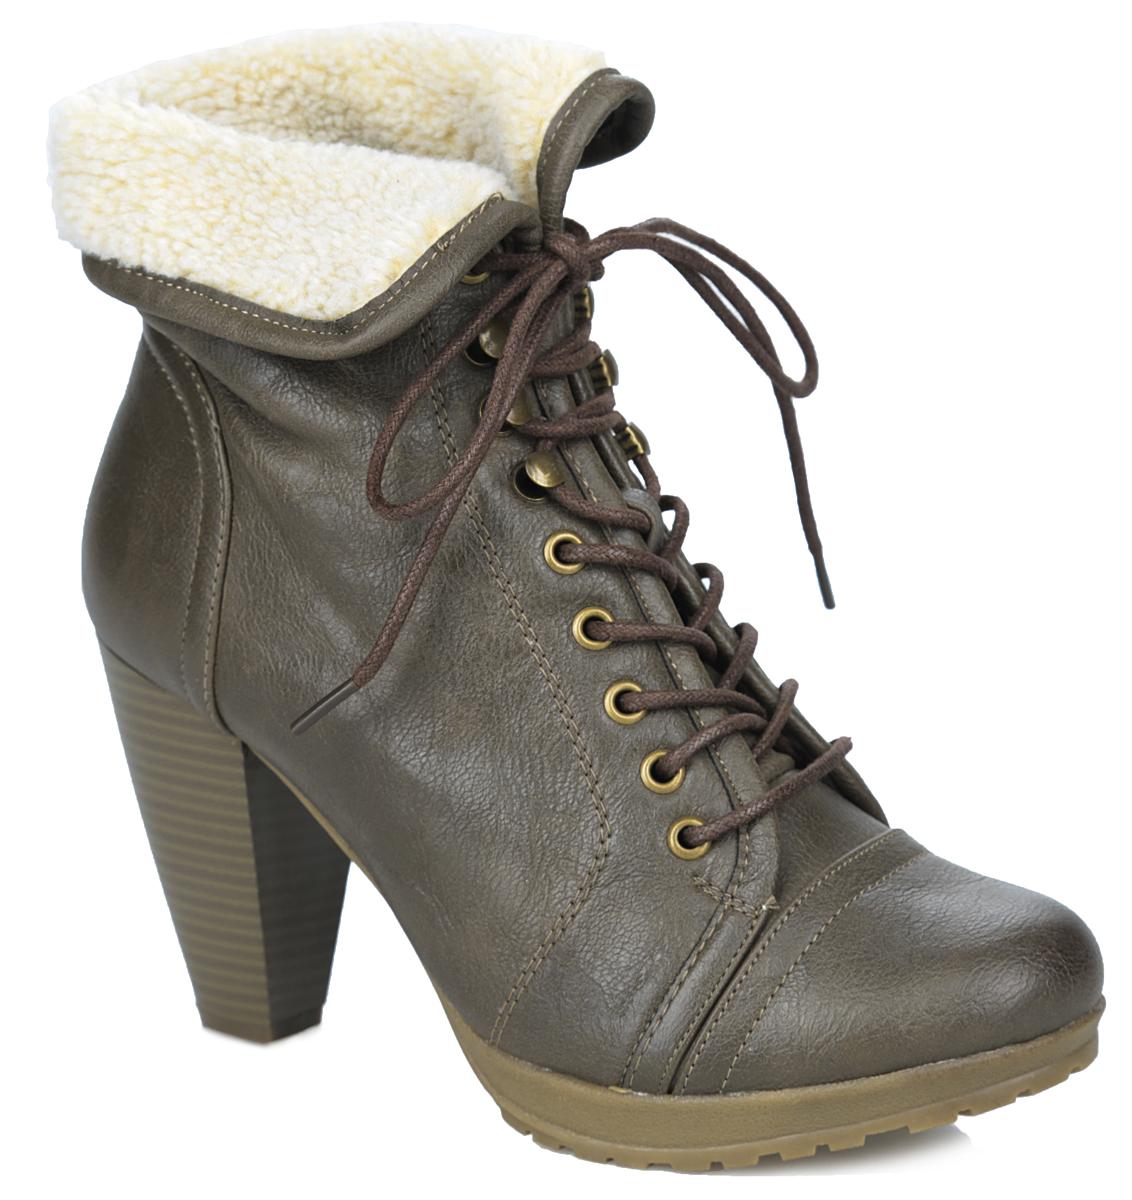 Ботильоны. SW15_B11753SW15_B11753_KHAKIСтильные ботильоны от Spur поразят вас своим дизайном! Модель выполнена из искусственной кожи. Подкладка и стелька - из шерсти, защитят ноги от холода и обеспечат комфорт. Подъем изделия оформлен шнуровкой, которая прочно зафиксирует модель на вашей ноге. Верх голенища декорирован меховым отворотом. Высокий каблук, стилизованный под дерево, устойчив. Подошва из резины с рельефным протектором обеспечивает отличное сцепление на любой поверхности. Модные ботильоны покорят вас своим оригинальным дизайном и удобством!